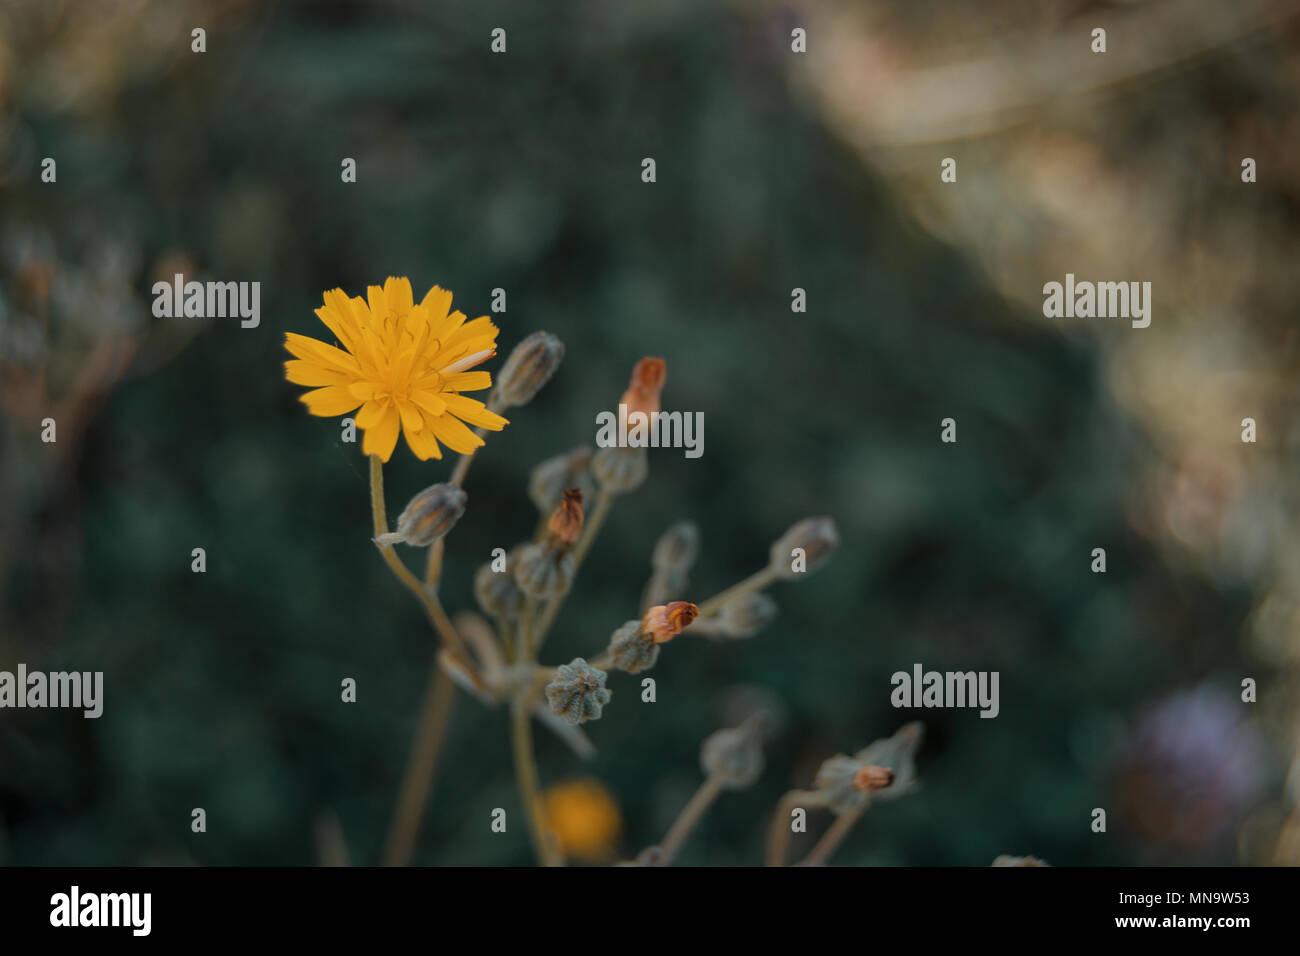 Fleur jaune d'lactuta virosa dans la nature Photo Stock